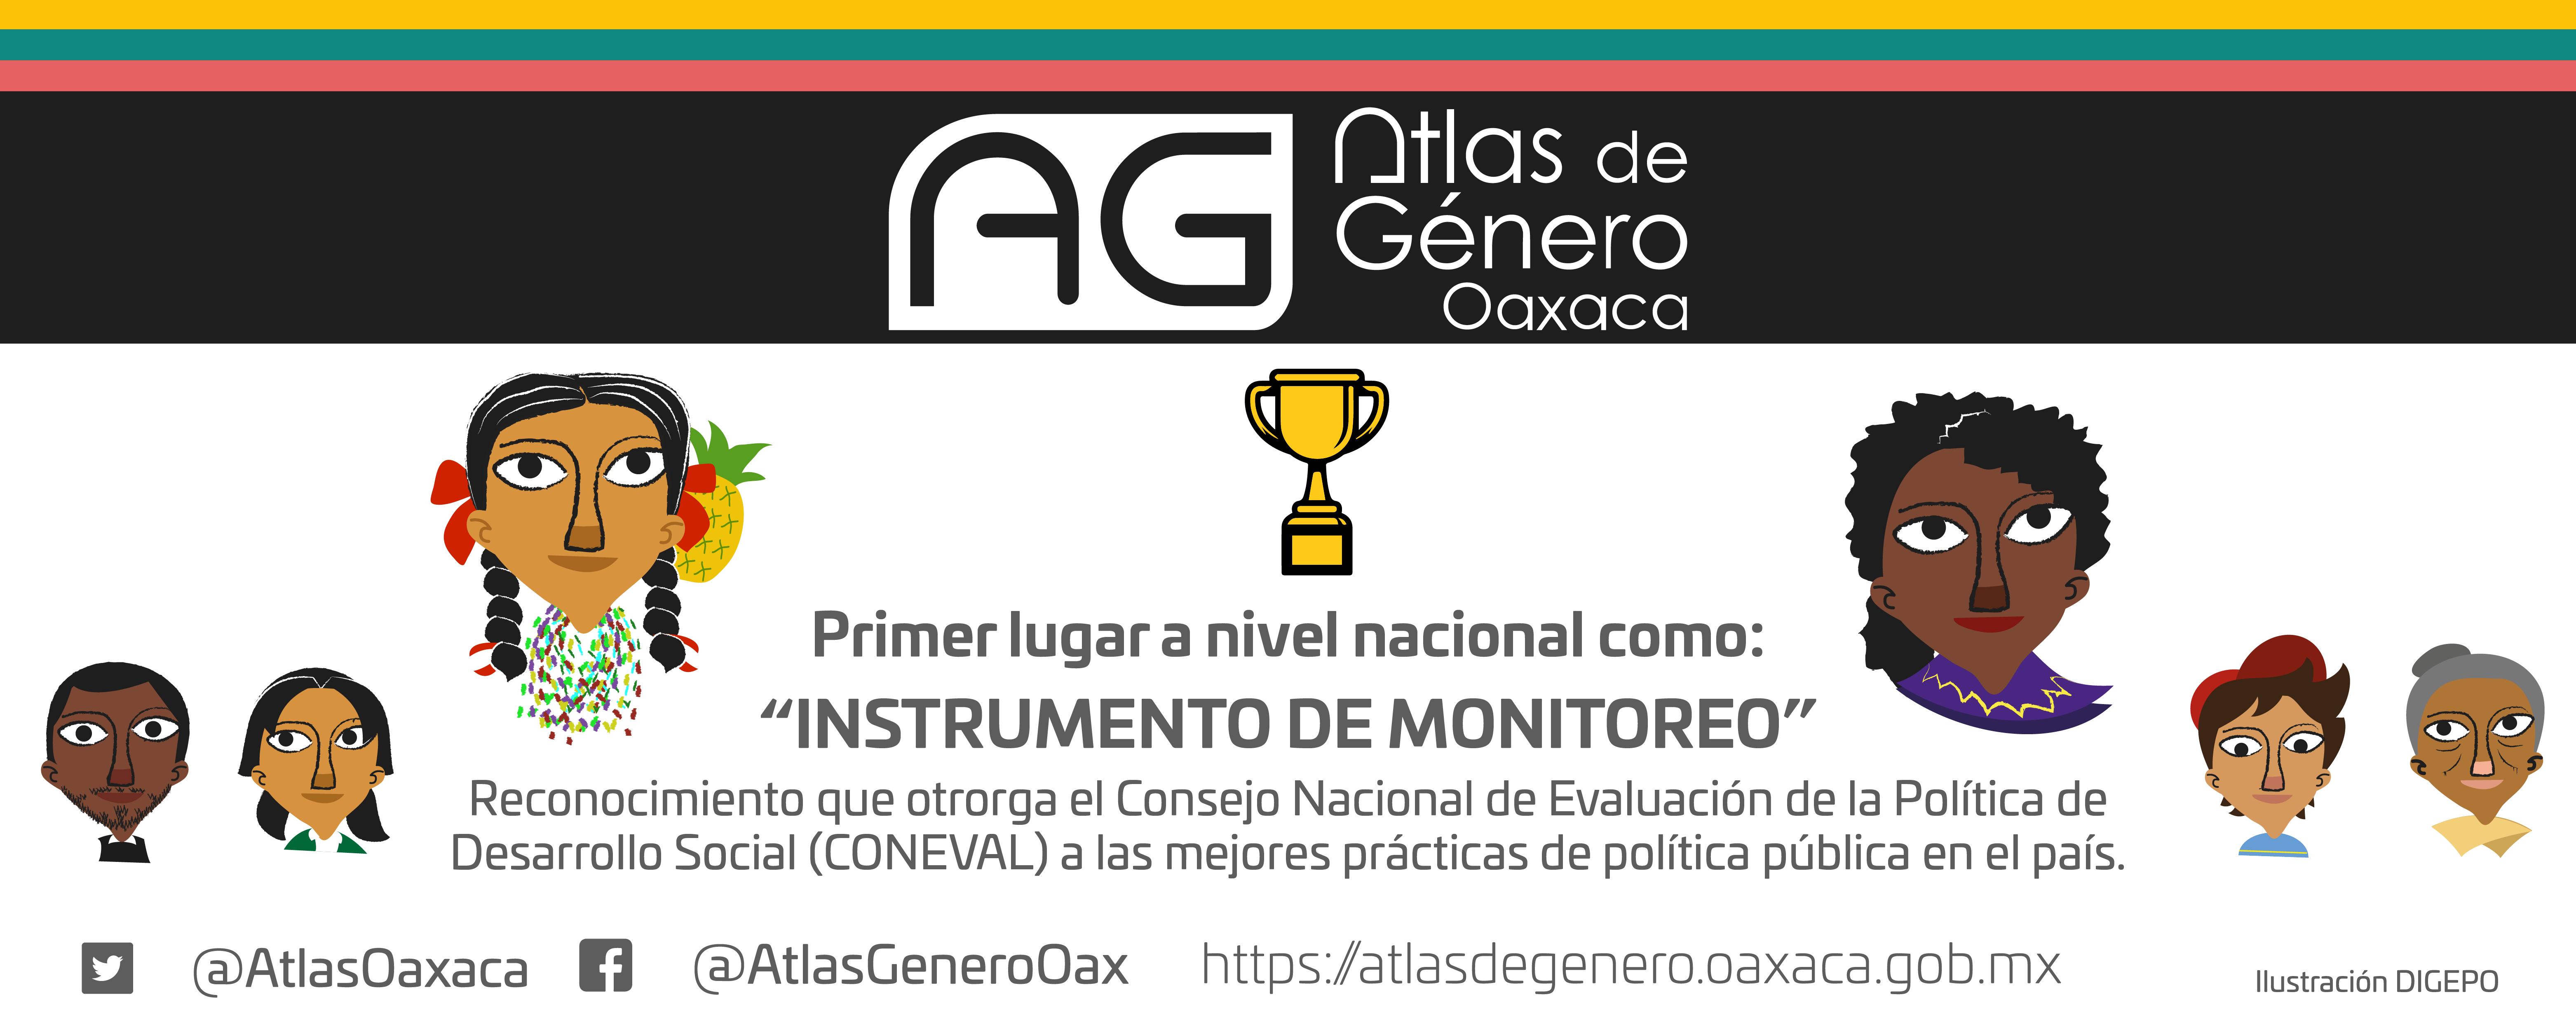 ATLAS DE GÉNERO OAXACA (AGO).